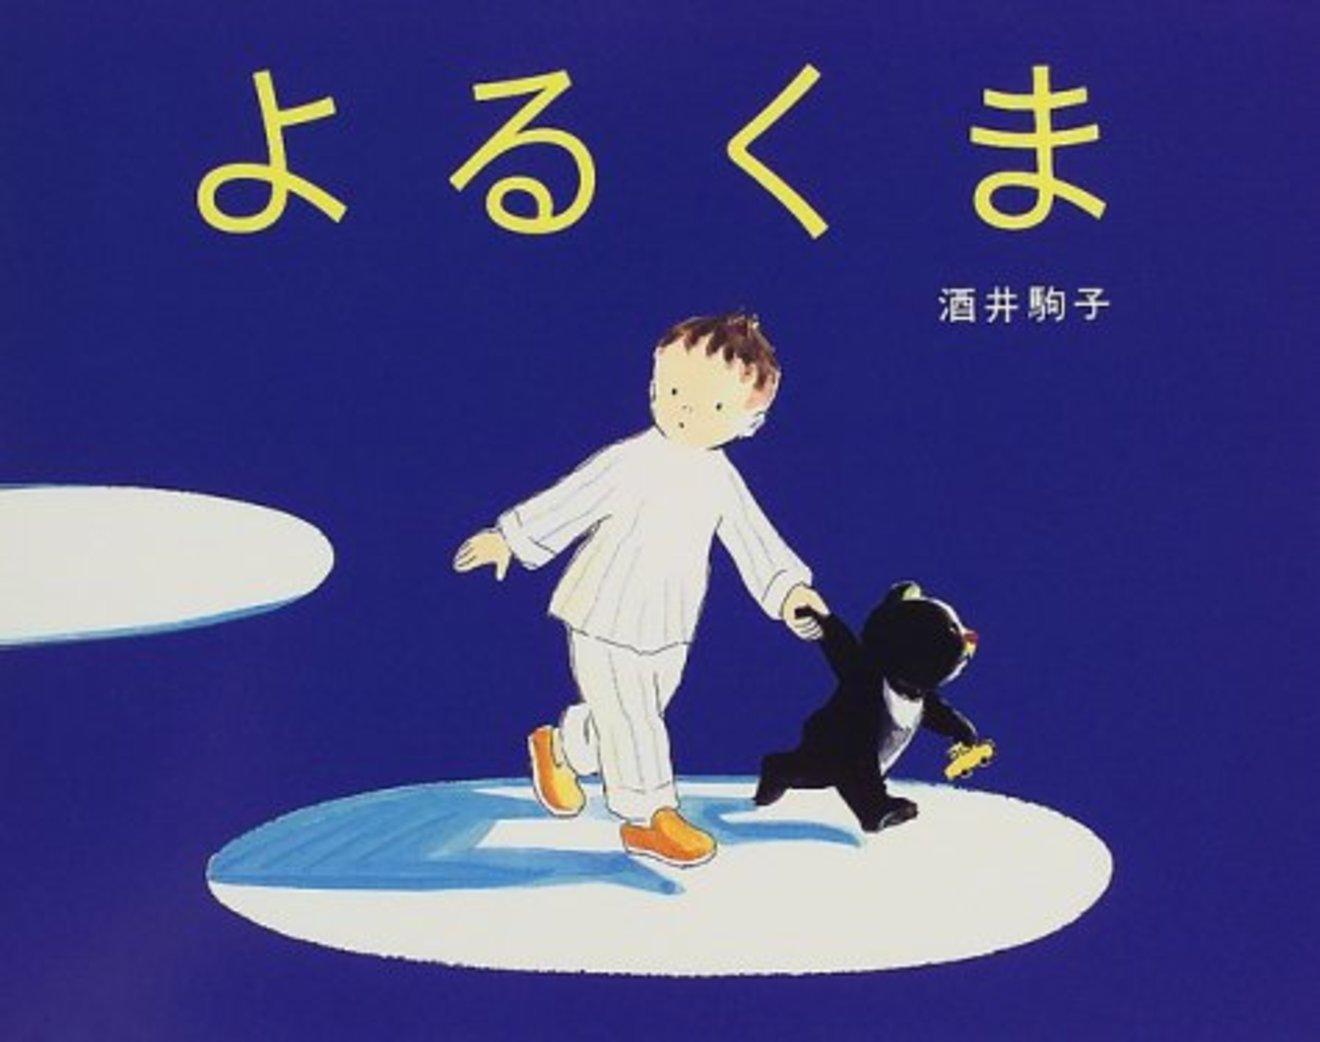 酒井駒子が描くおすすめ絵本5選!大人になっても読みたい、可憐な物語